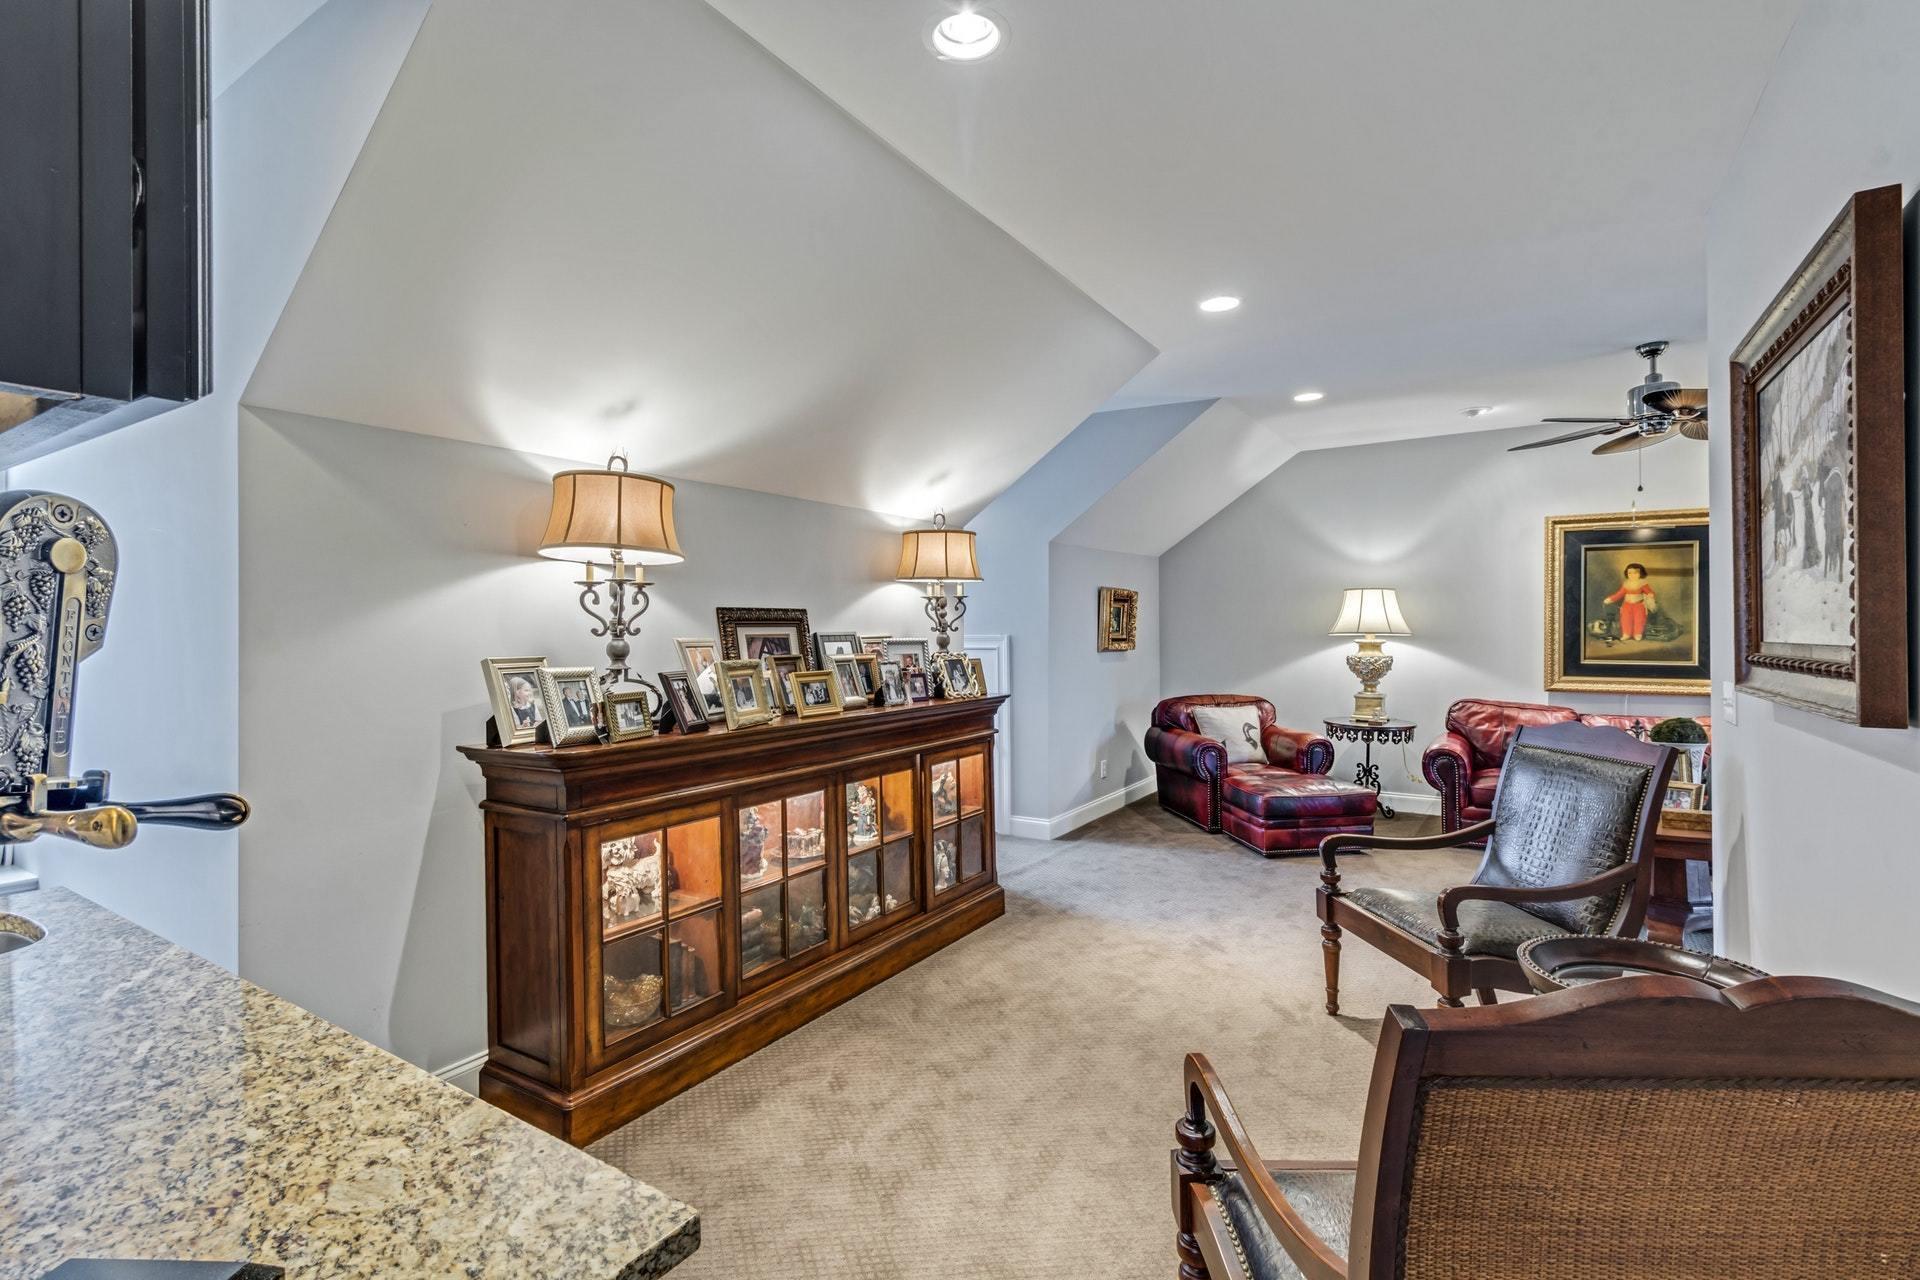 Dunes West Homes For Sale - 2816 River Vista, Mount Pleasant, SC - 32